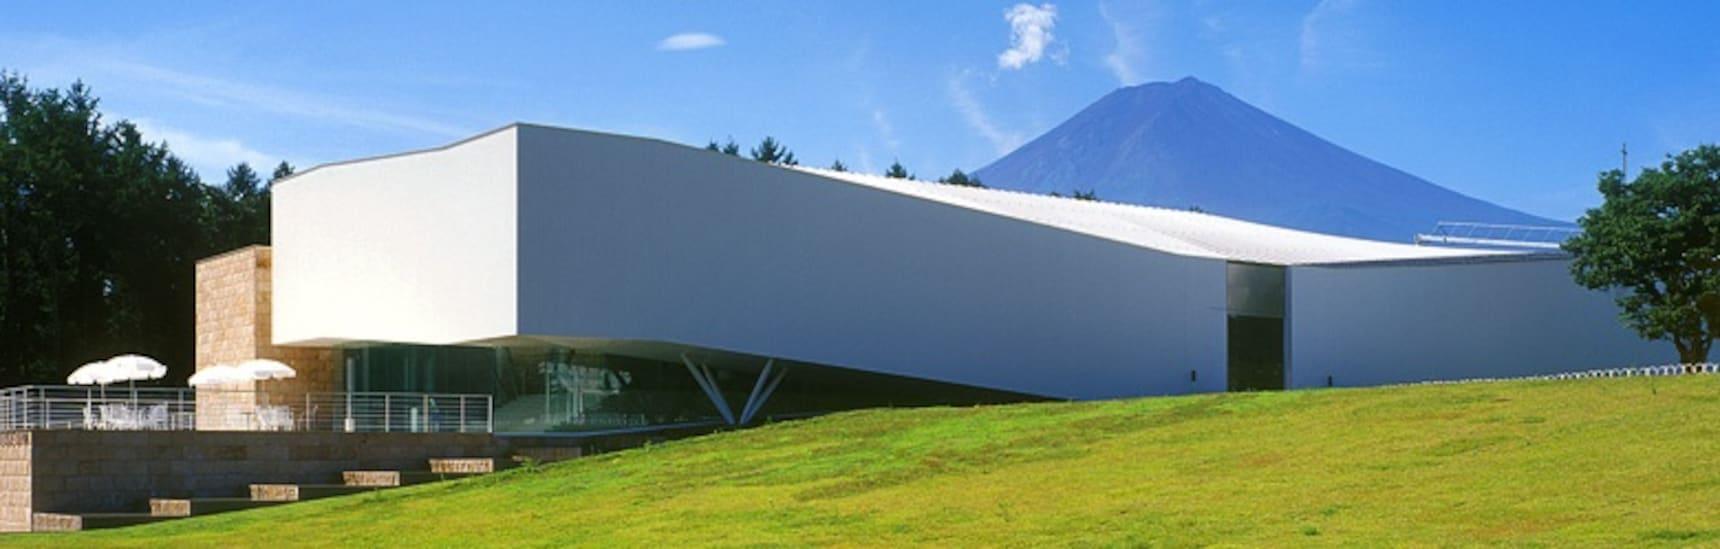 ชมฟูจิในรูปแบบงานศิลปะที่ Fujiyama Museum